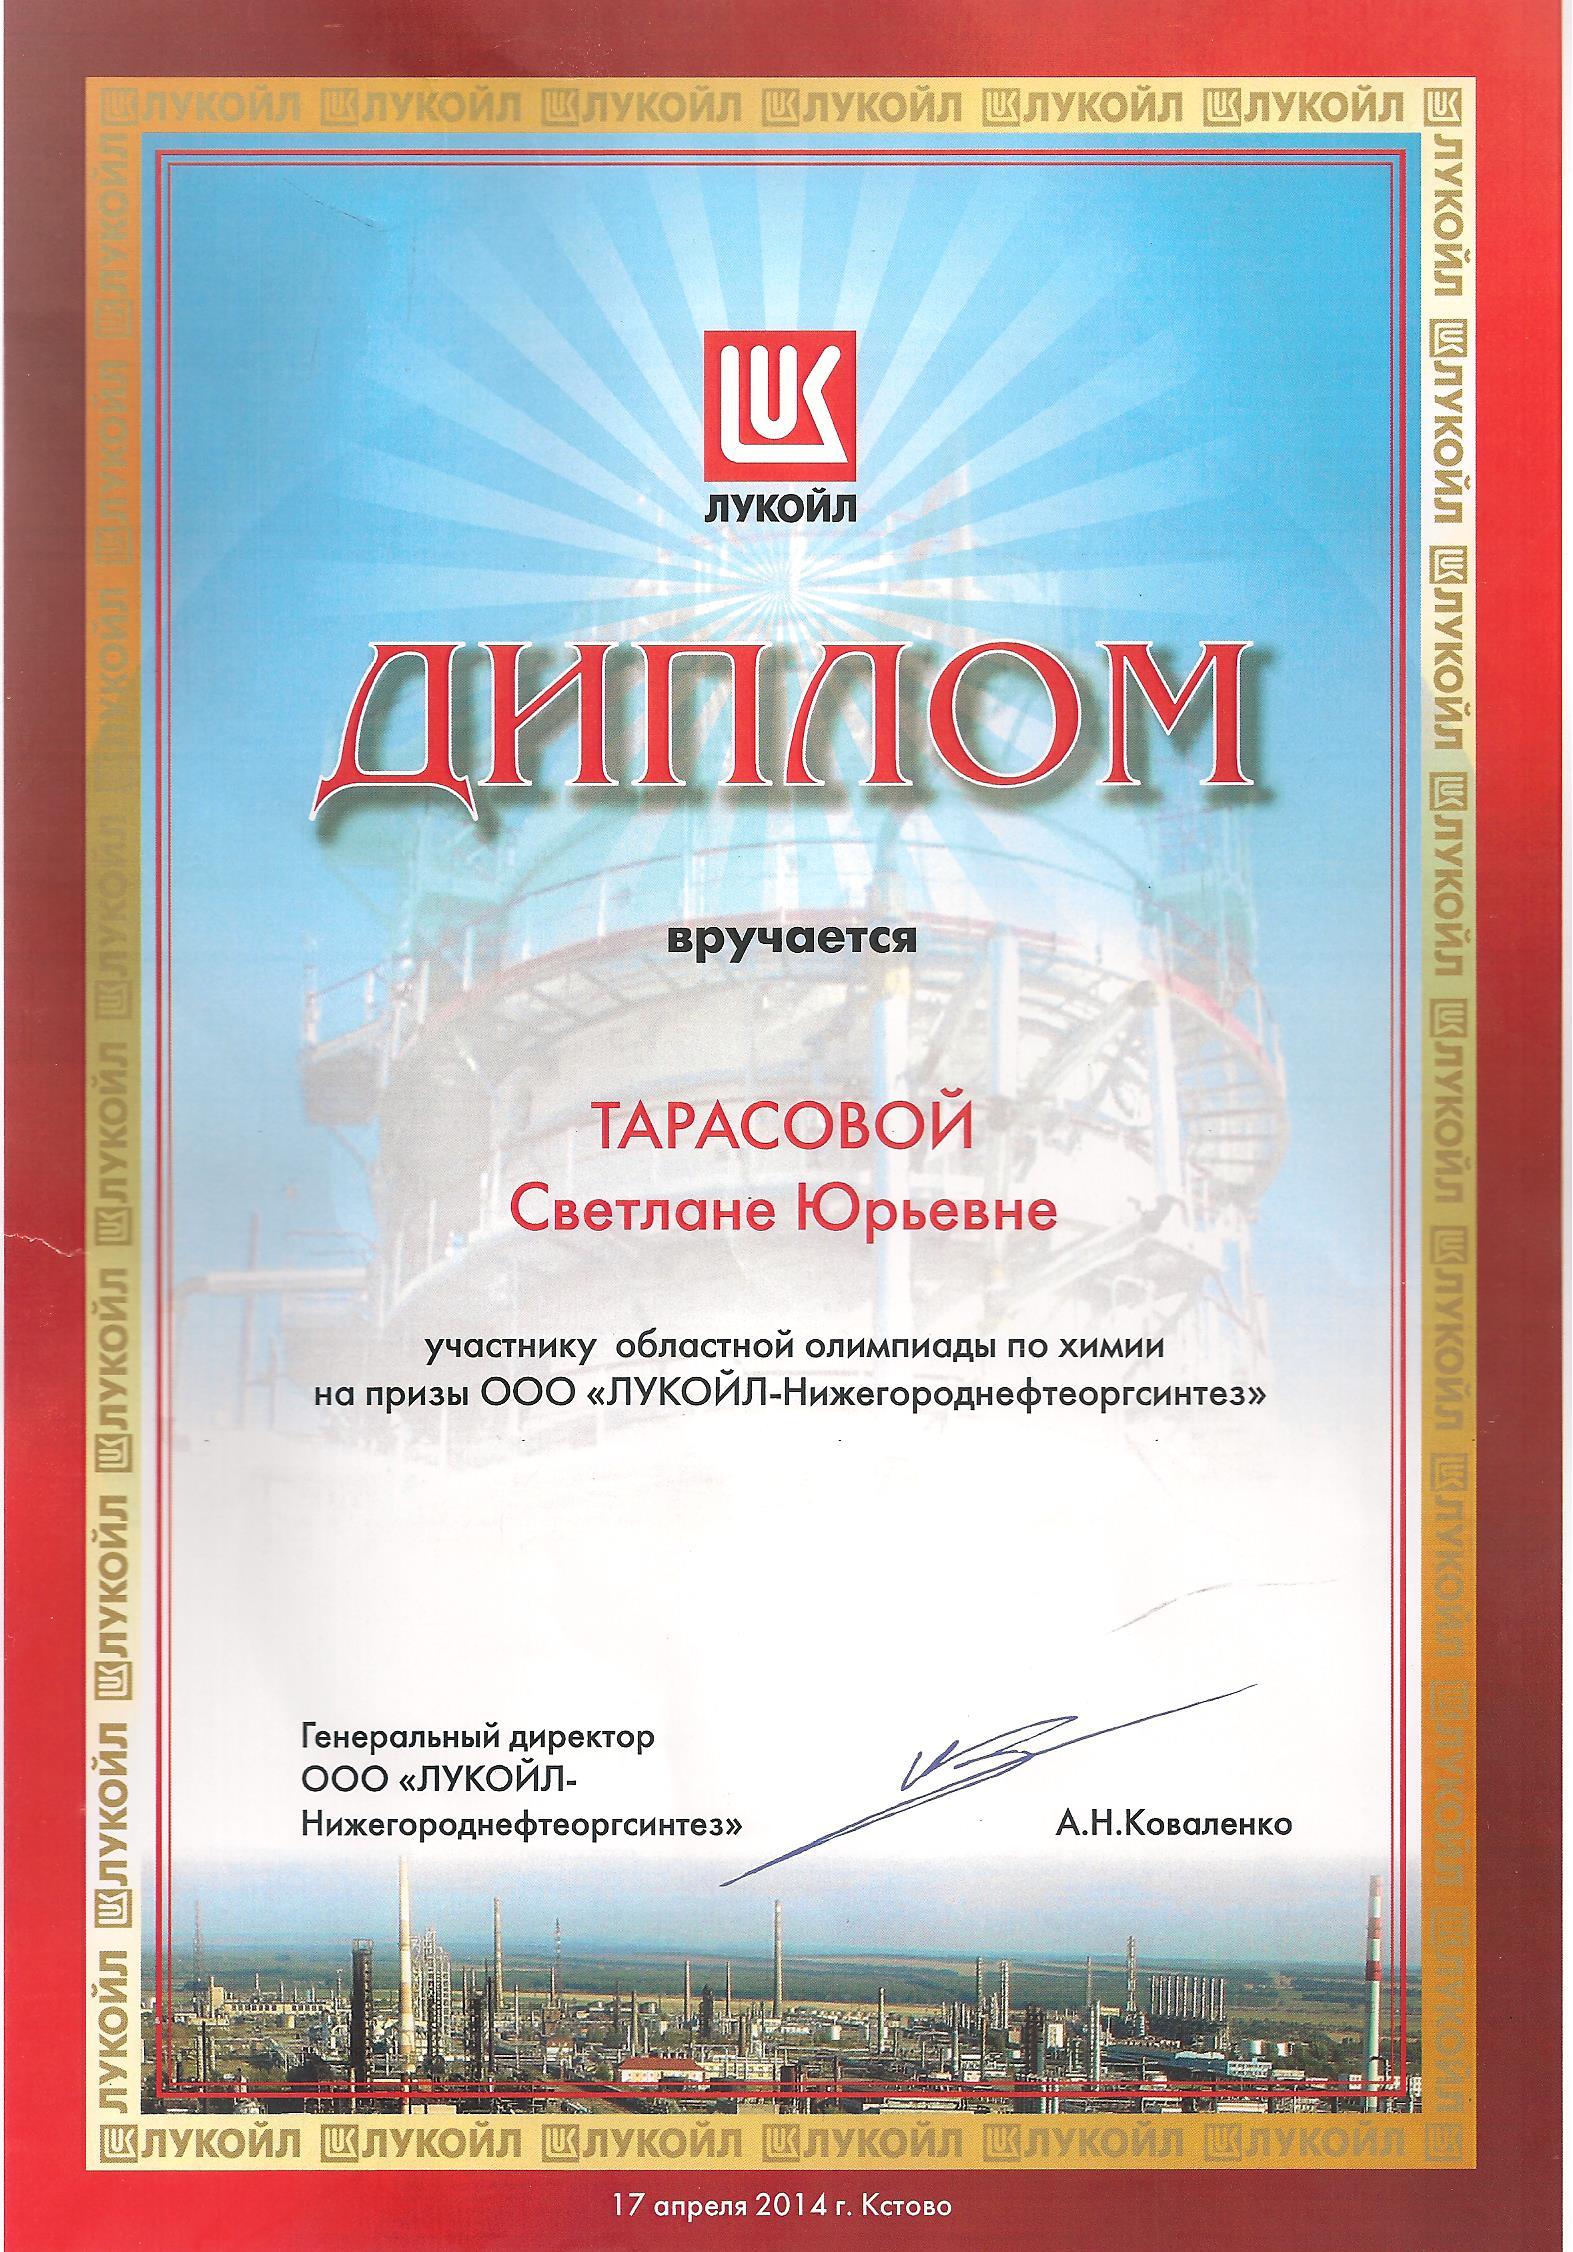 Тарасова С.Ю.